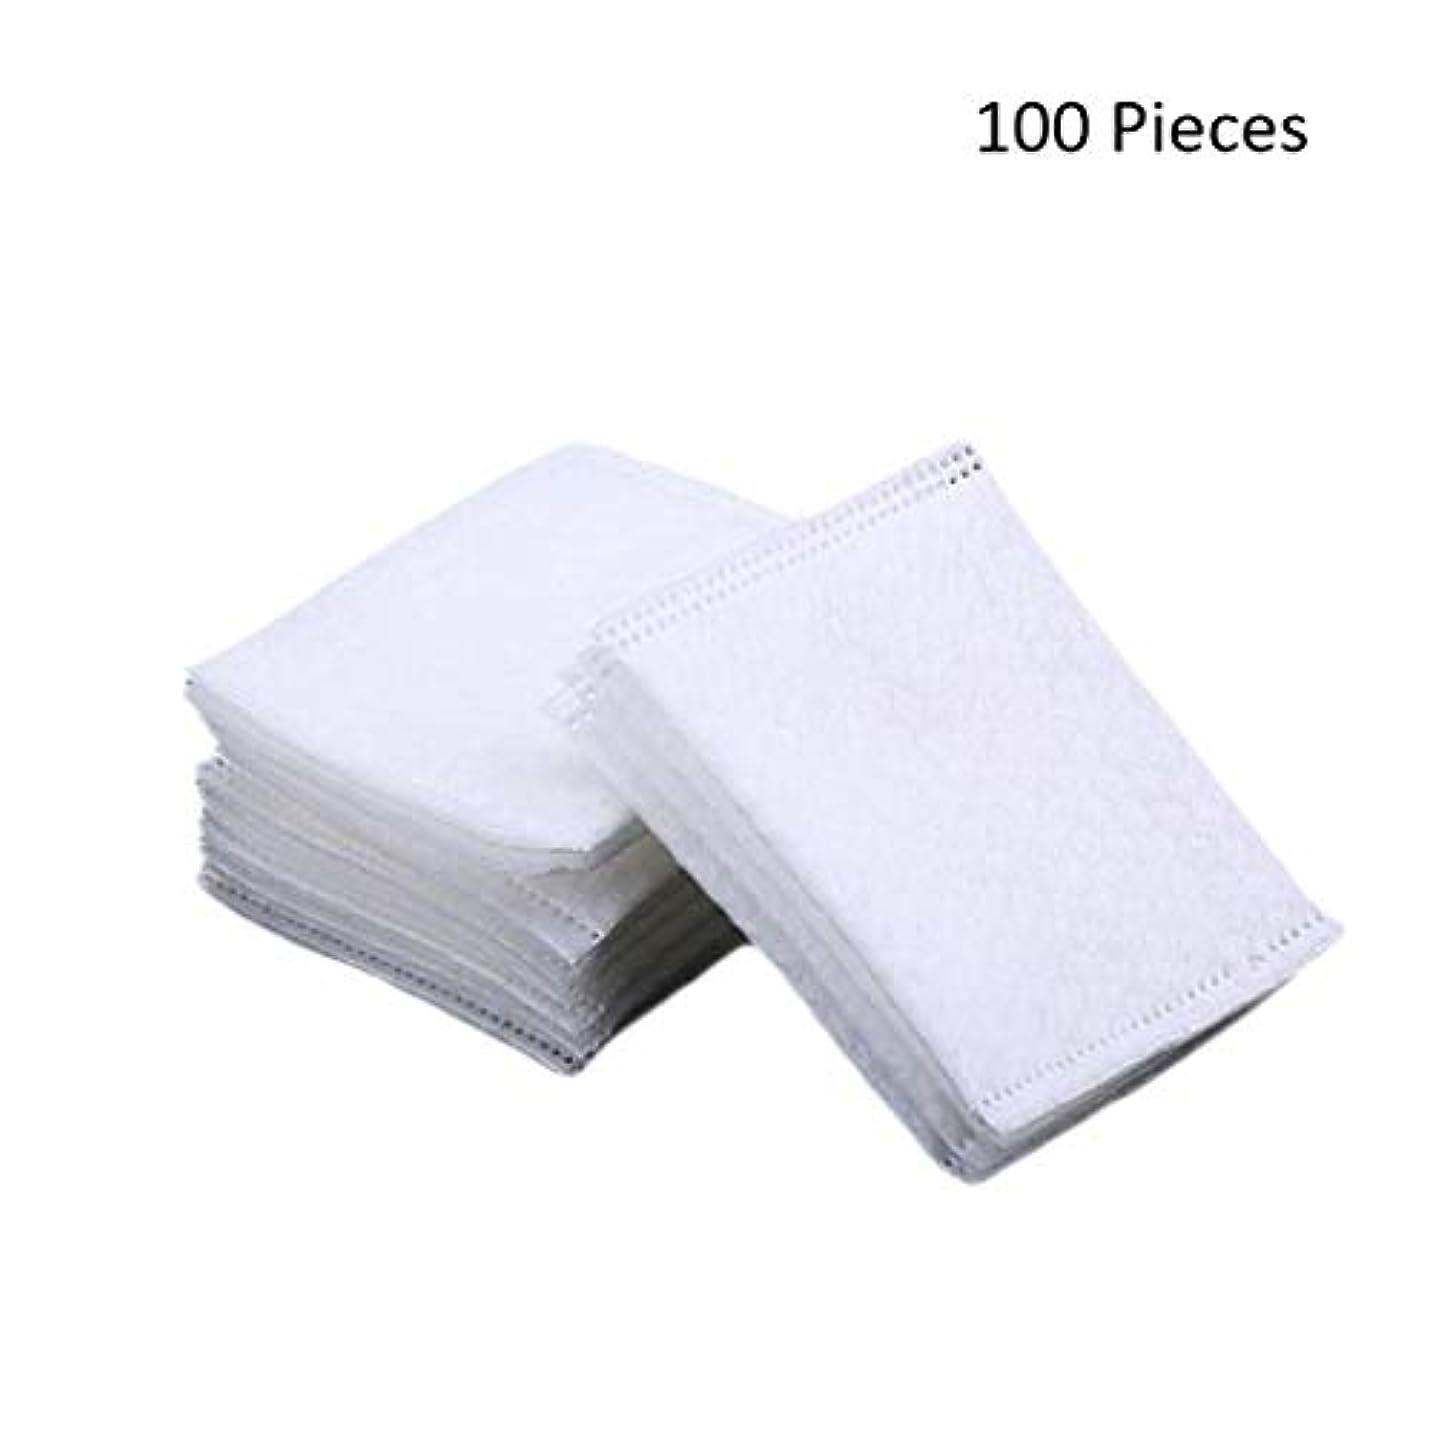 噂世界に死んだ耐えられる50/100/220ピースダブルサイドフェイスメイクアップリムーバーコットンパッド密封旅行削除コットンパッドスキン化粧品メイクアップツール (Color : White, サイズ : 100 Pieces)